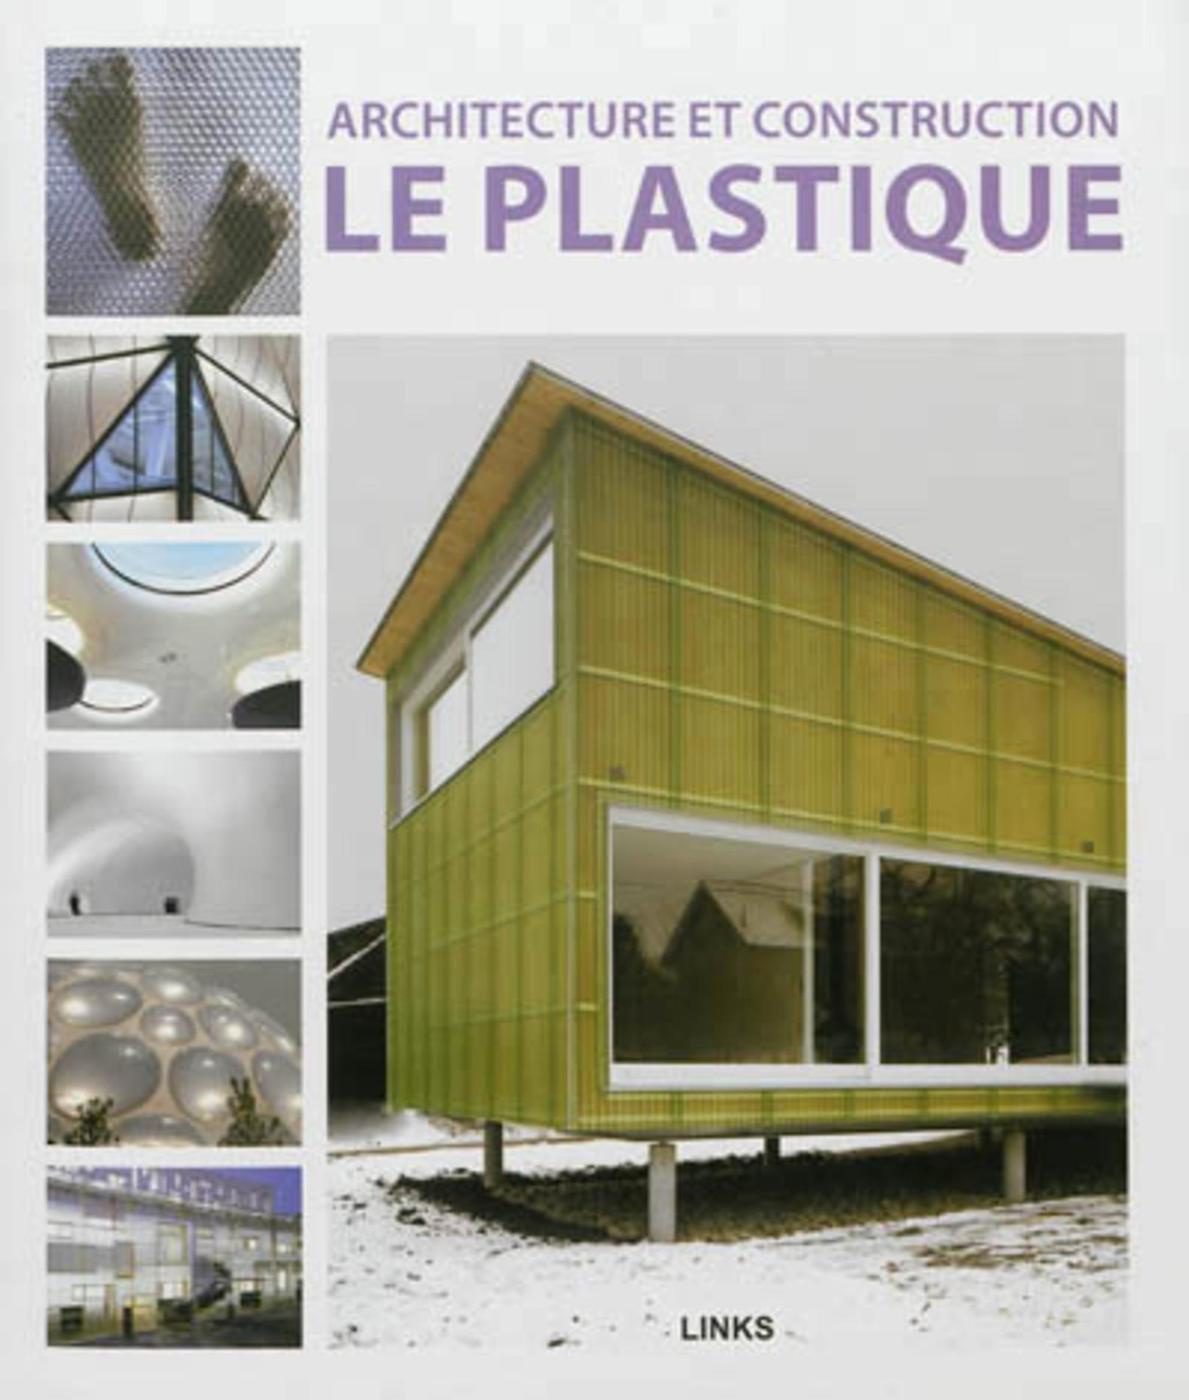 Architecture et construction. Le plastique - Dimitris Kottas